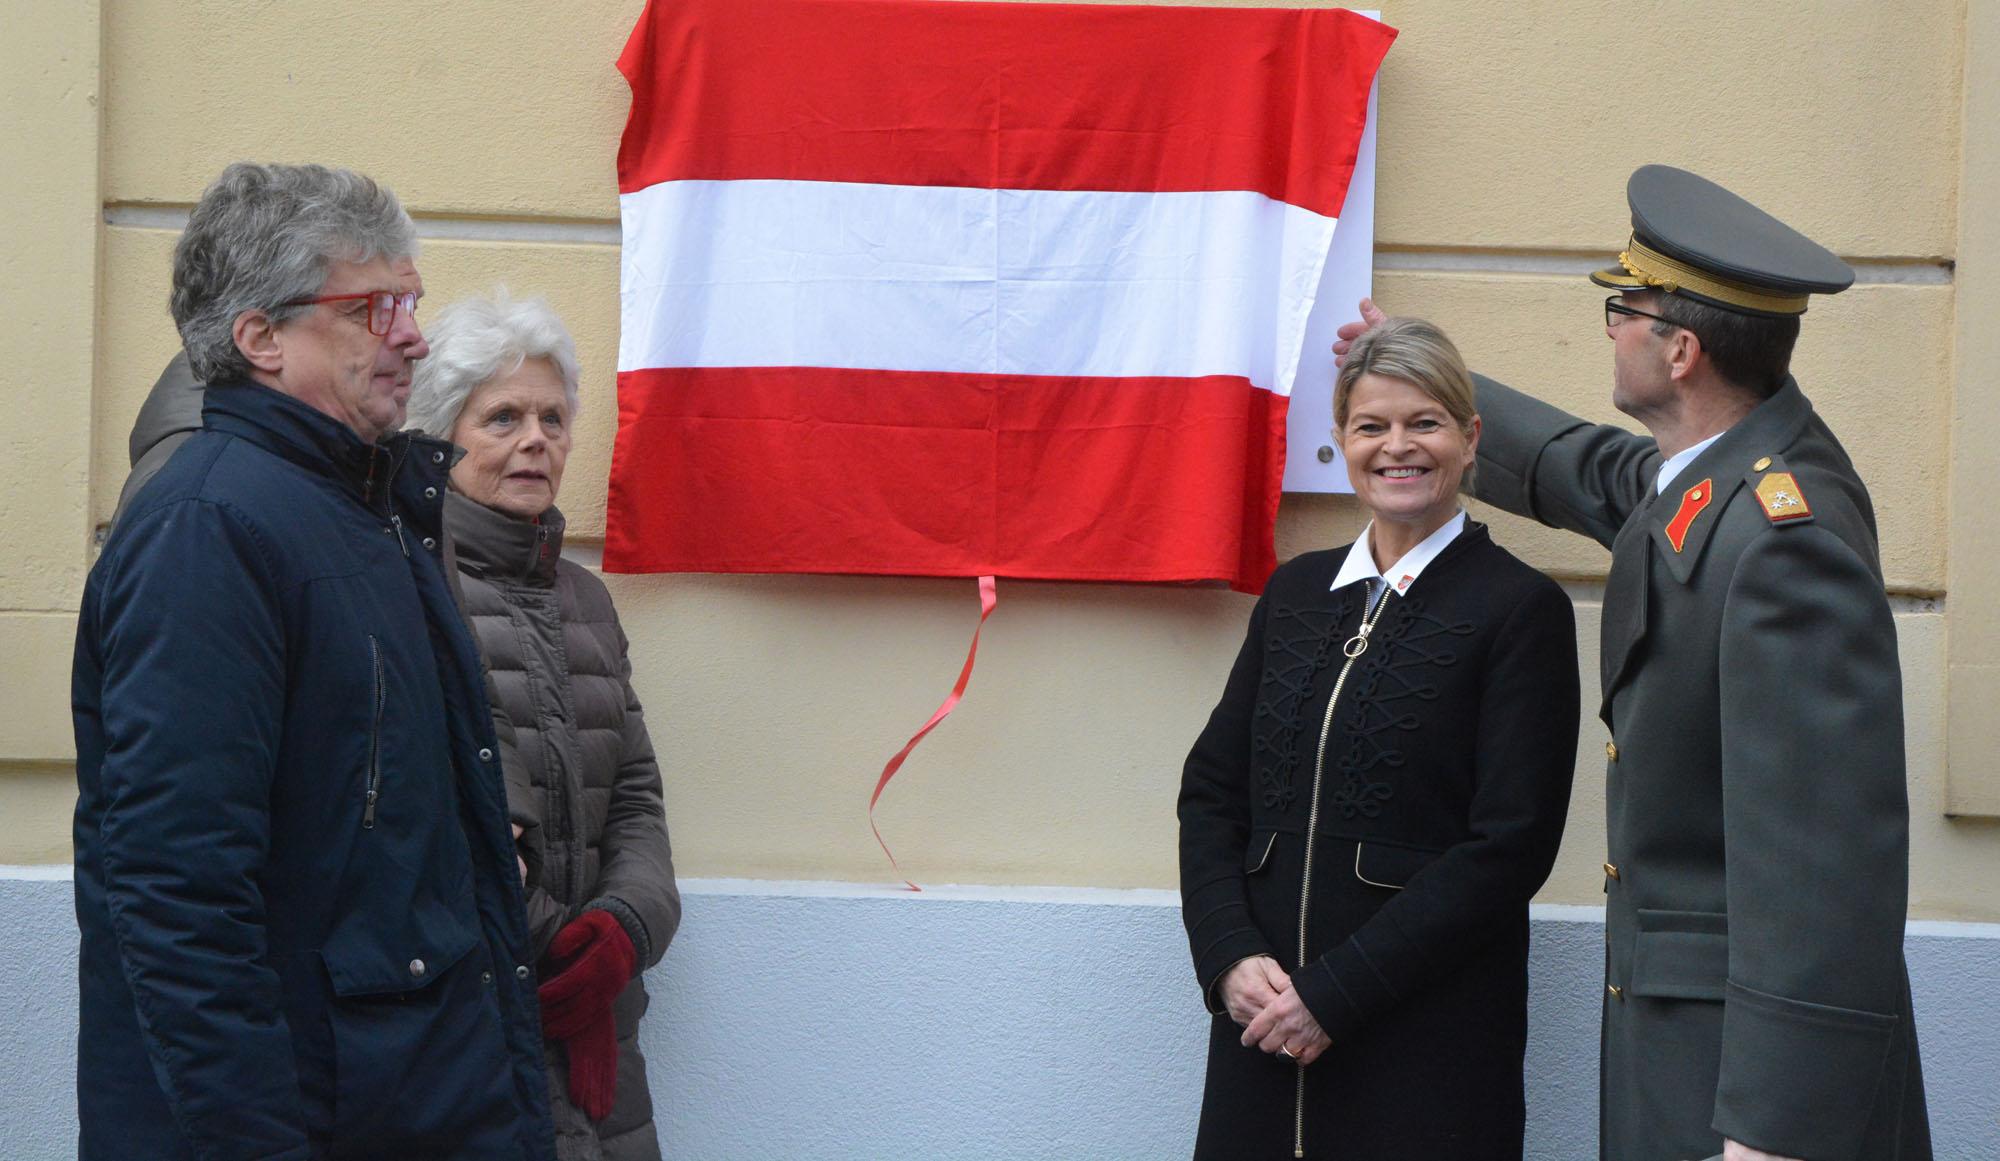 2020_01_27_Garde_3GdKp_Umbenennung-Stiftskaserne-in-General-Spannocchi_DSC_3622